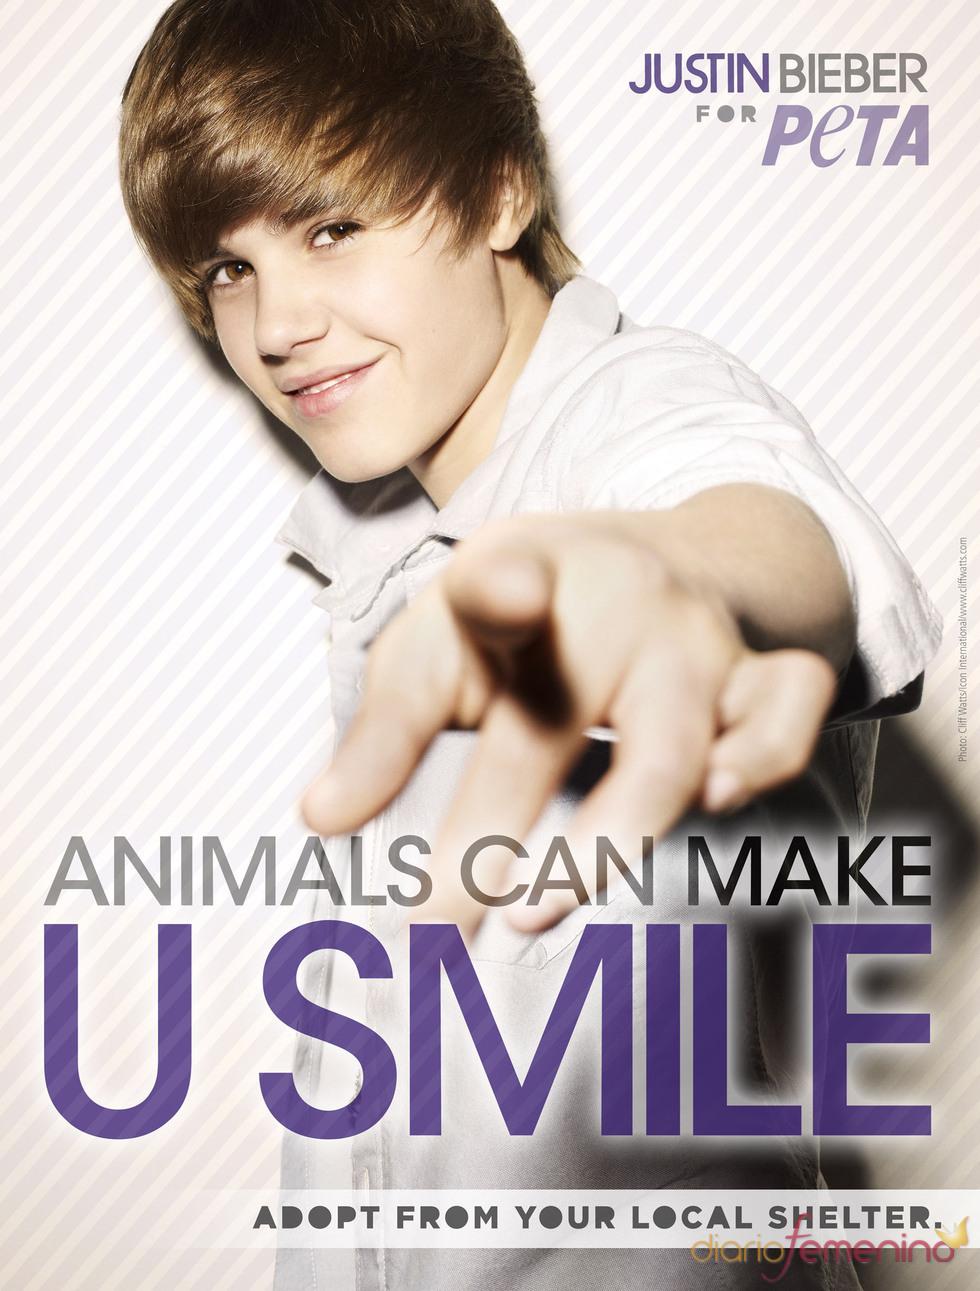 Justin Bieber protagoniza un anuncio de PETA por segunda vez